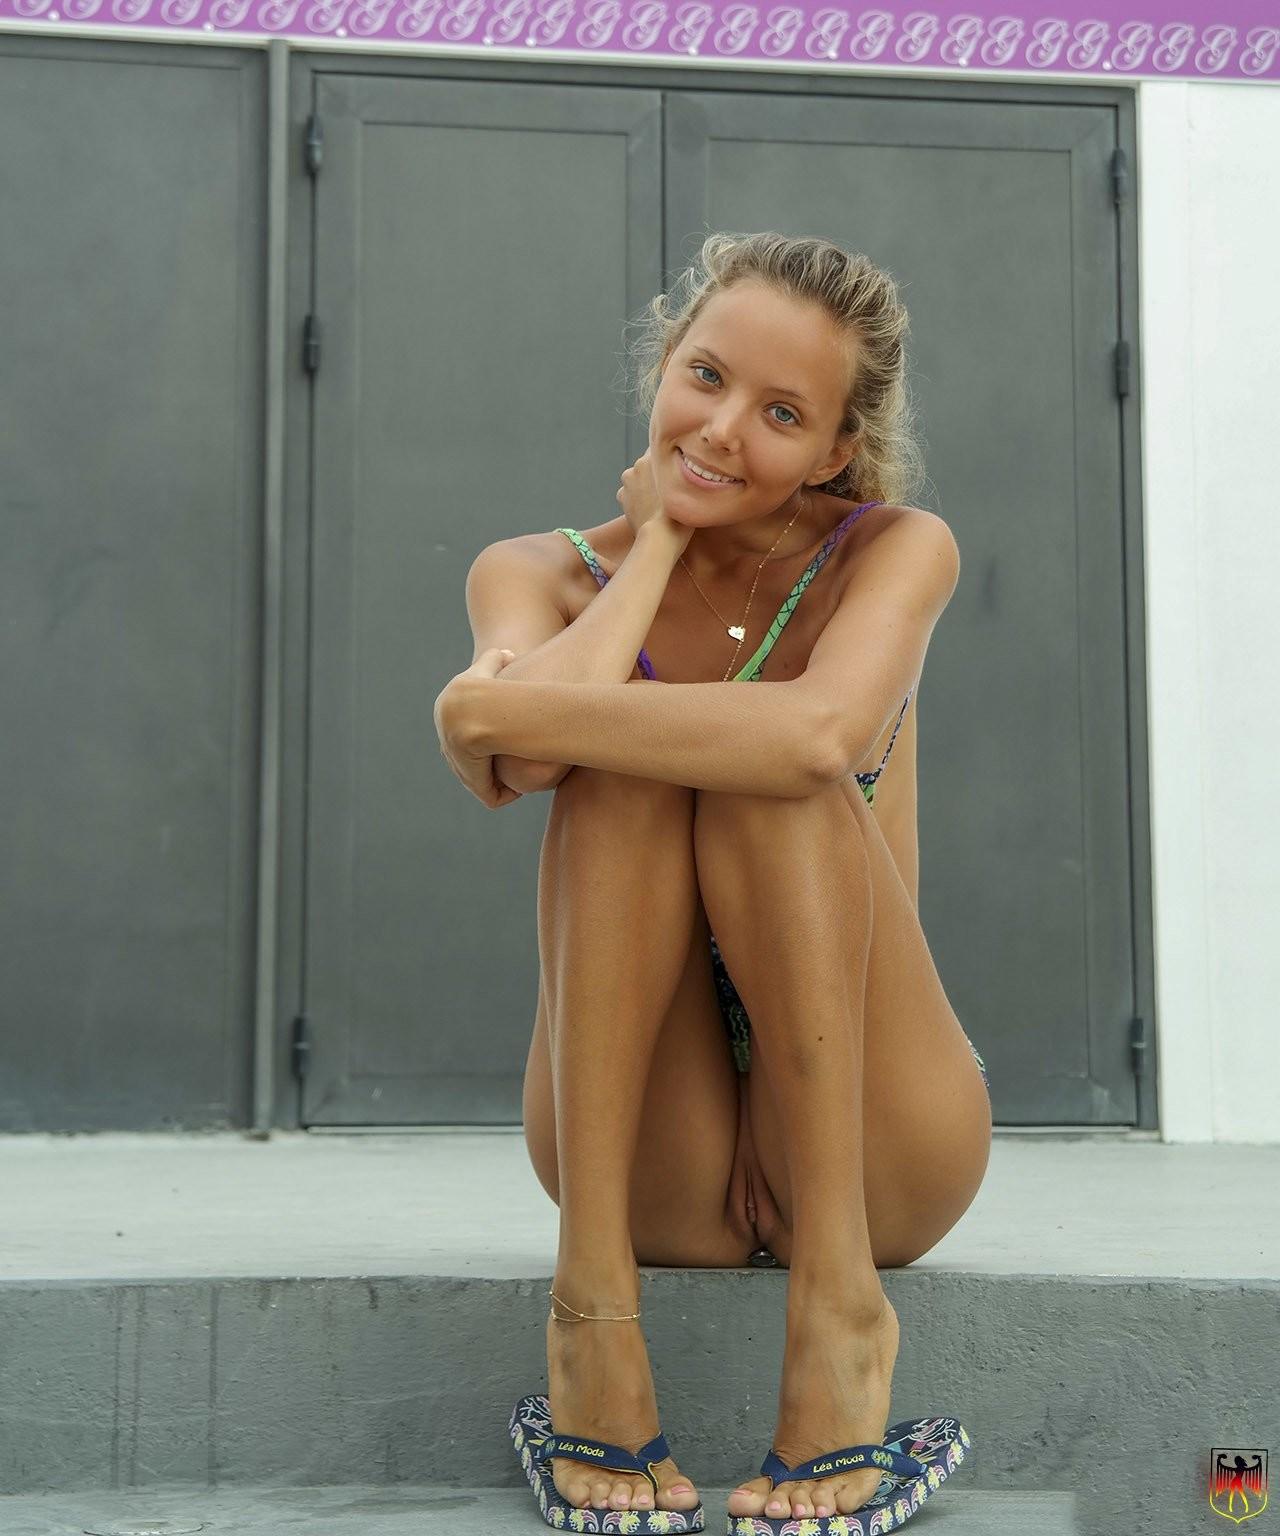 Эротичное позирование у дороги симпатичной девки в короткой юбке, без трусиков и с пробкой в попе